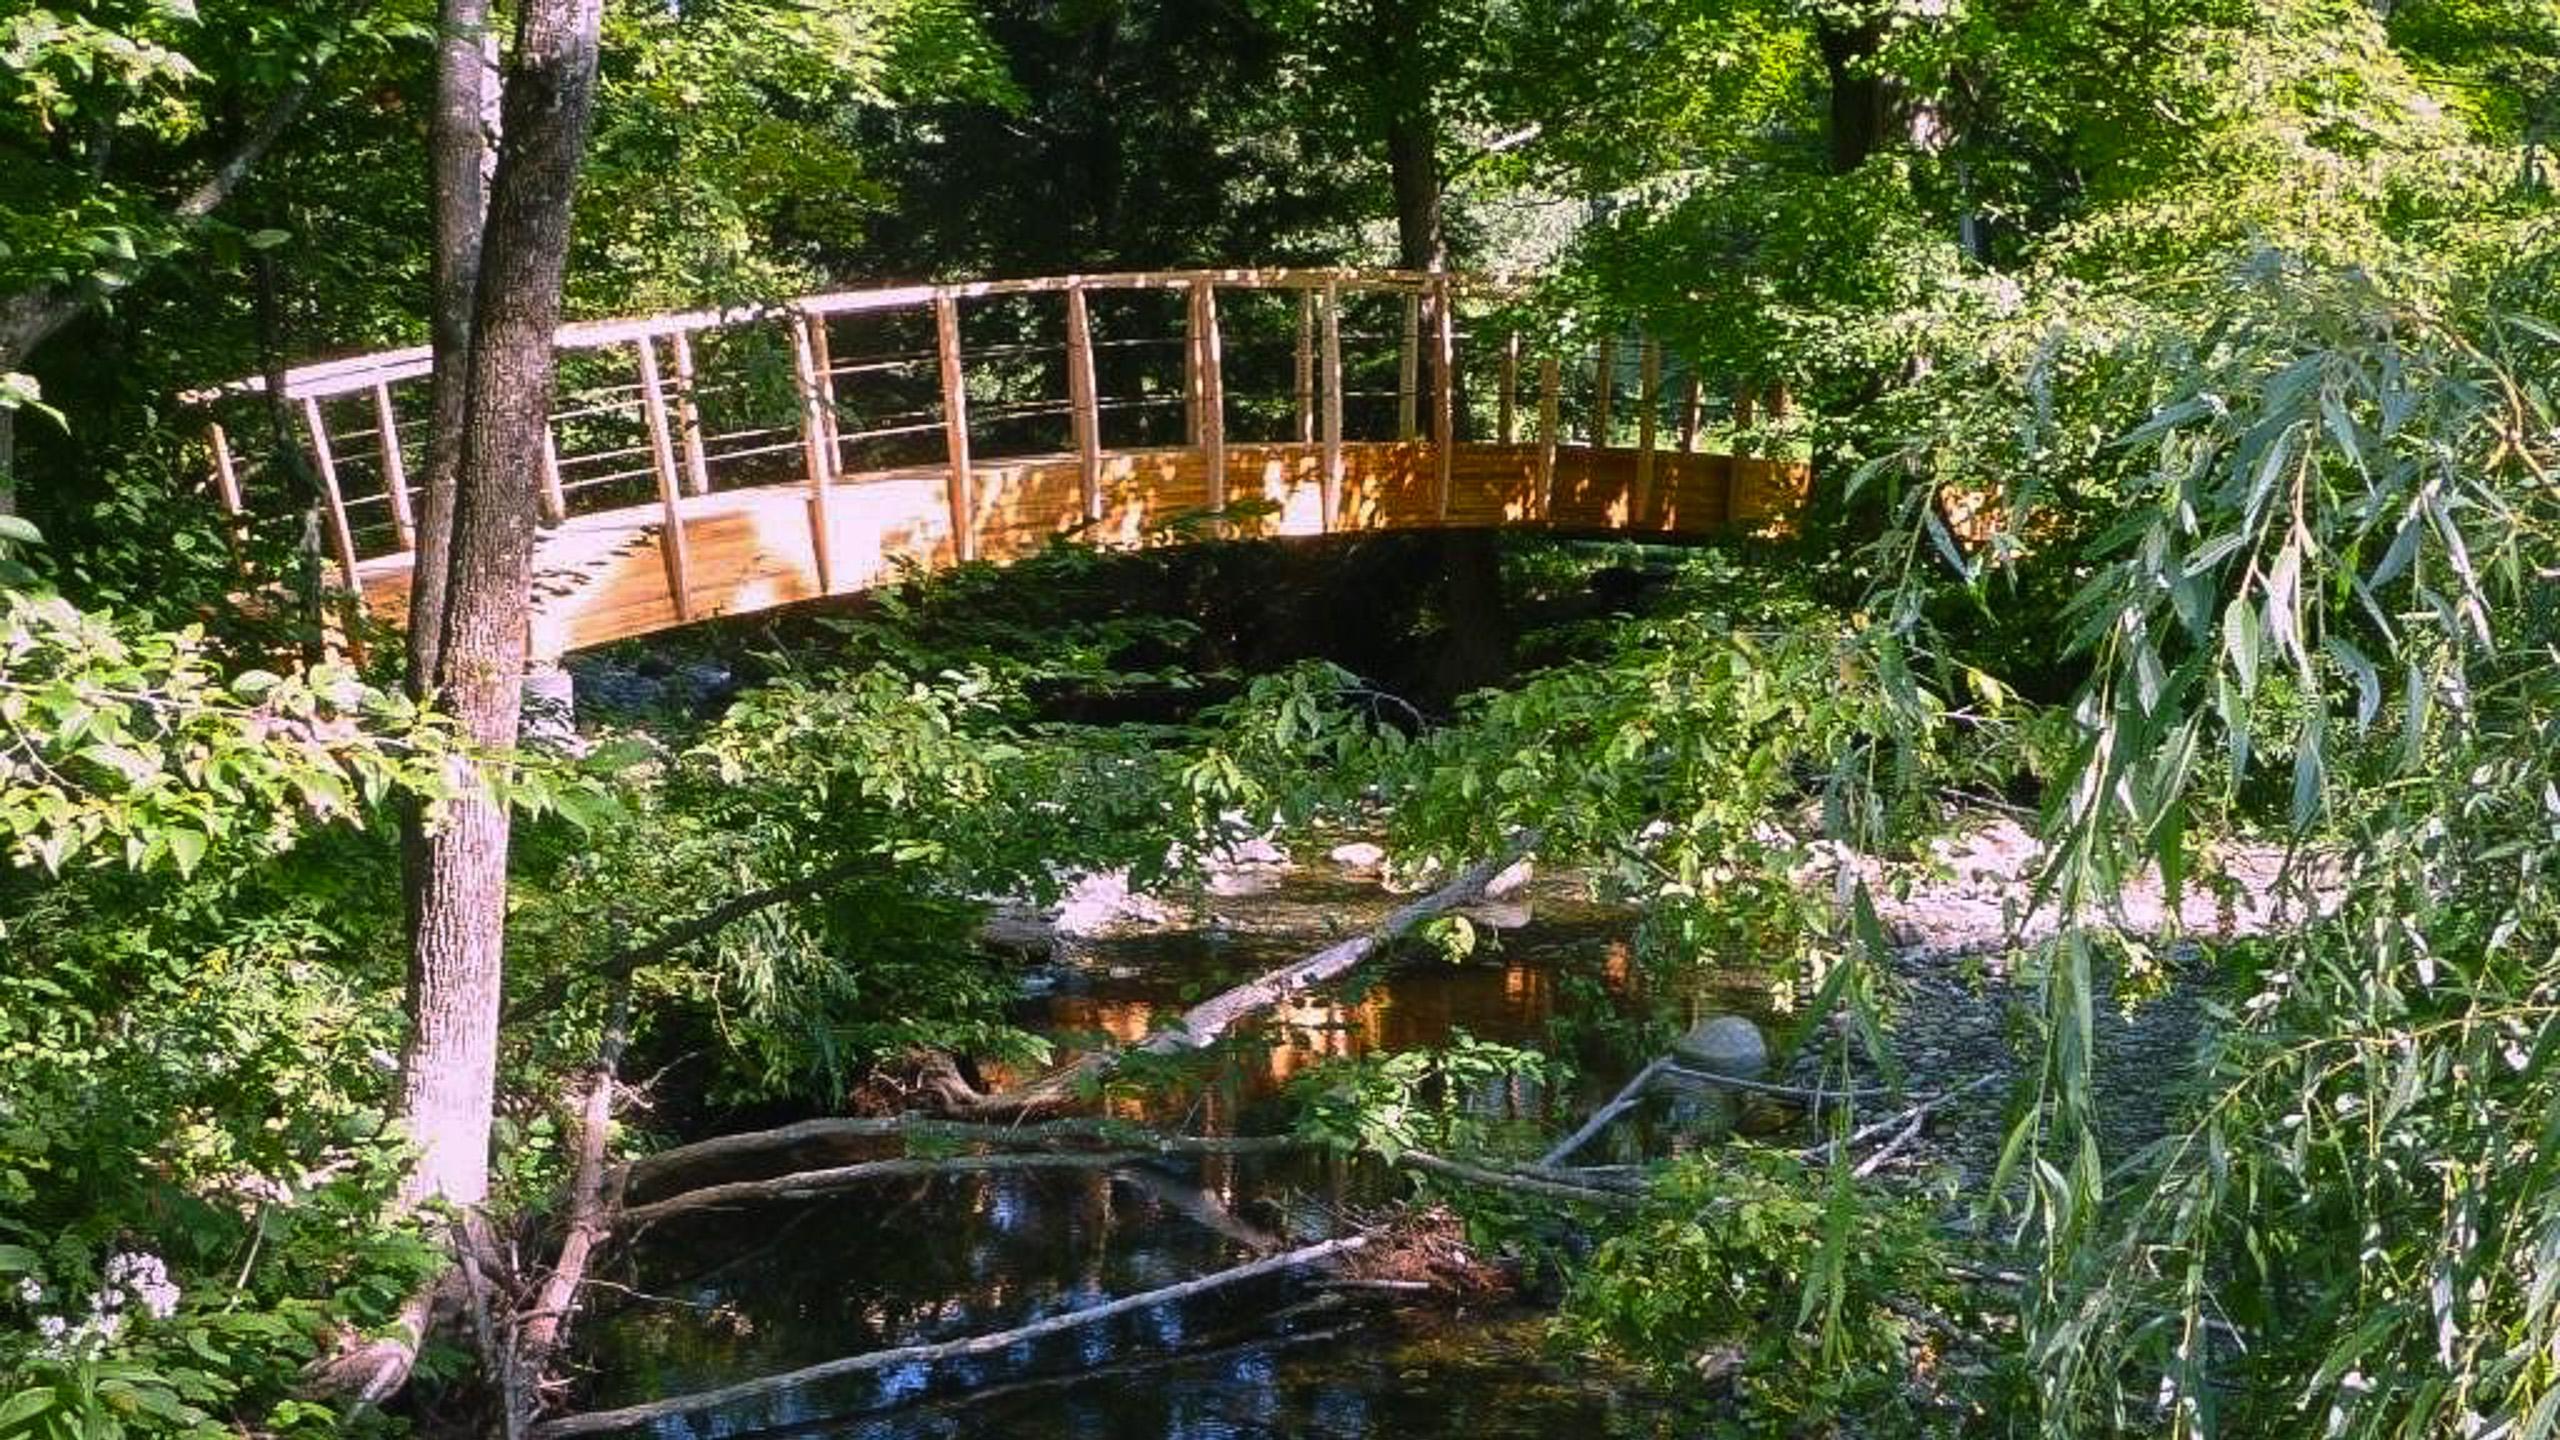 http://s3.amazonaws.com/images.horgandesignbuild.com/blog/336705_10100371316750153_10224463_54638030_6187402_o.jpg